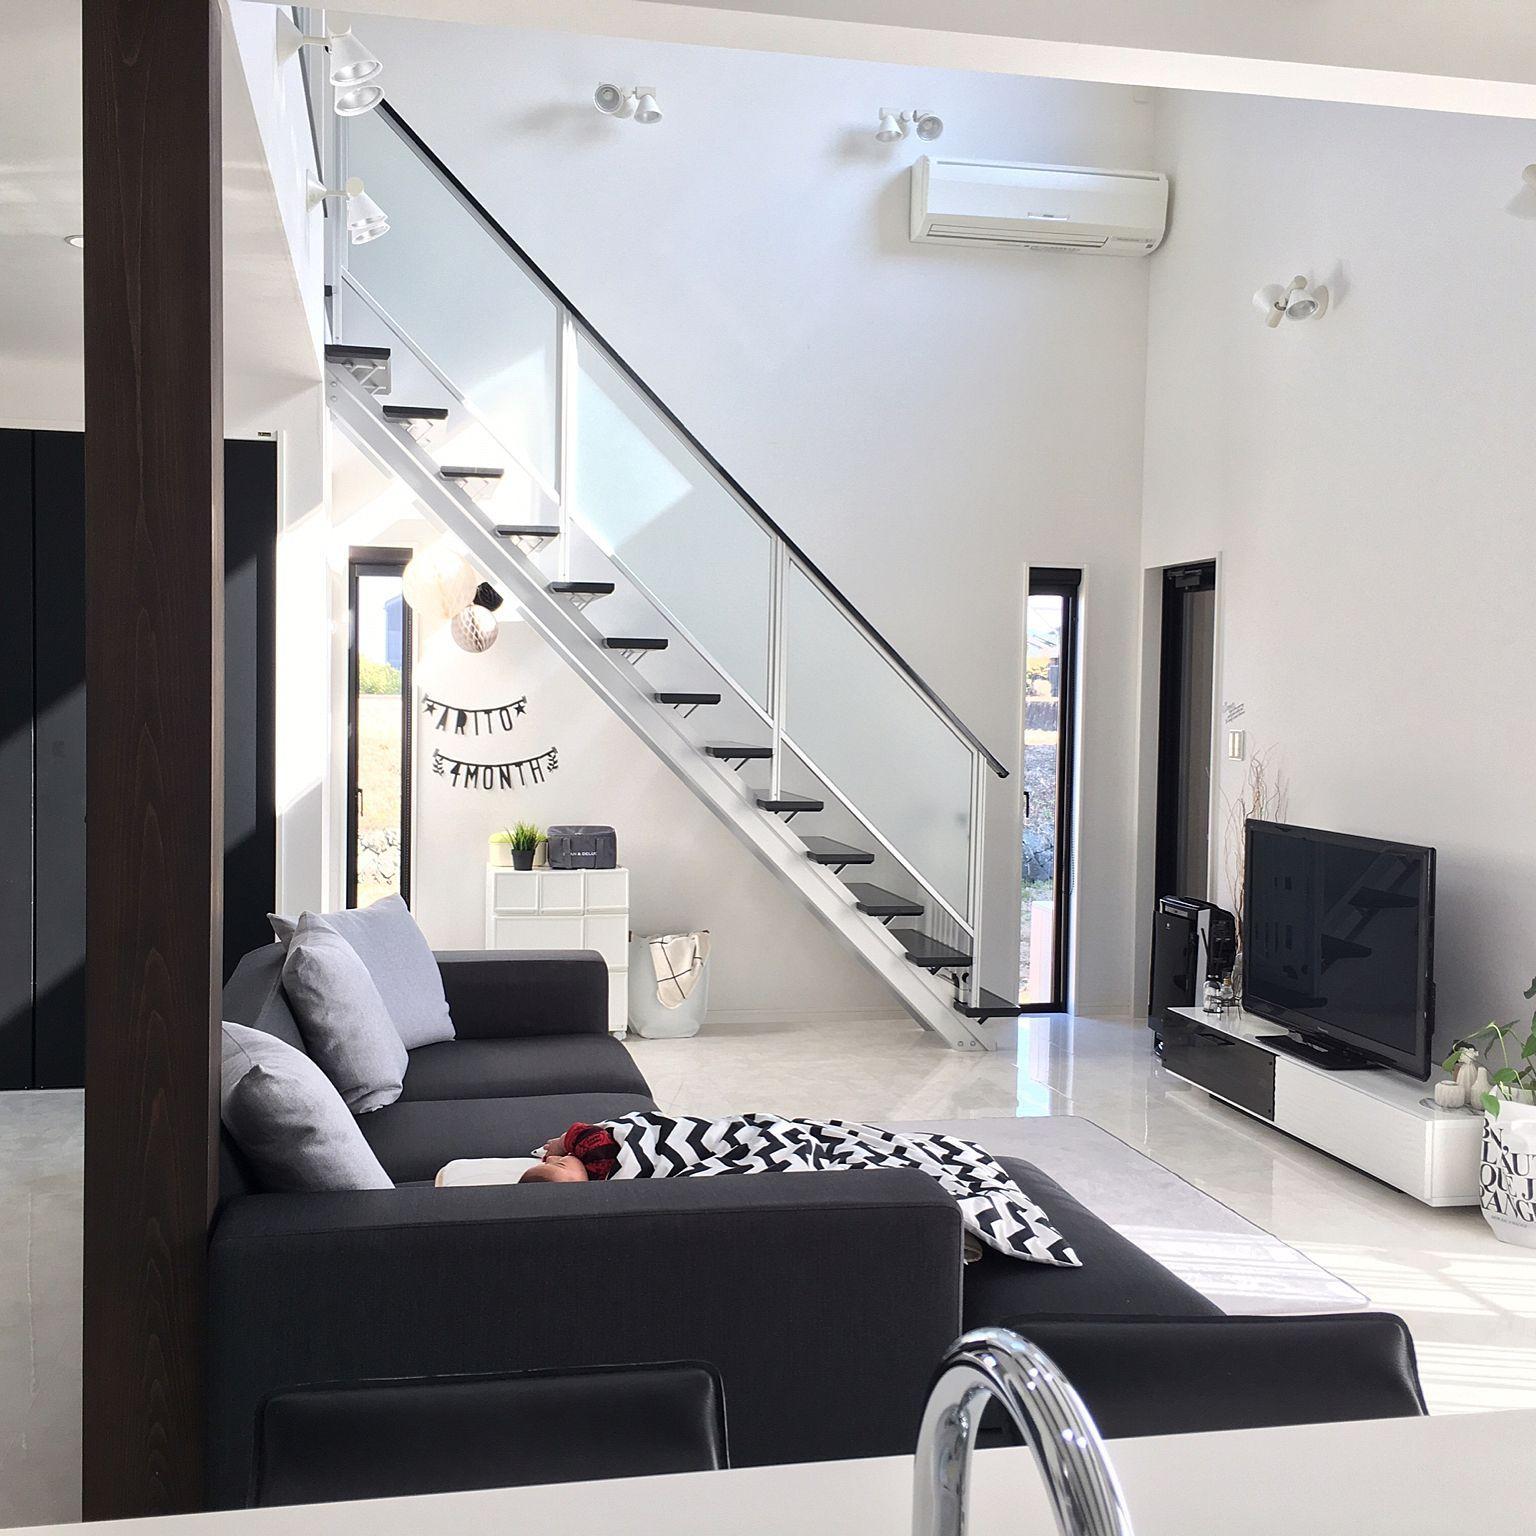 リビング 赤ちゃんのいる暮らし リビング階段 吹き抜けのある家